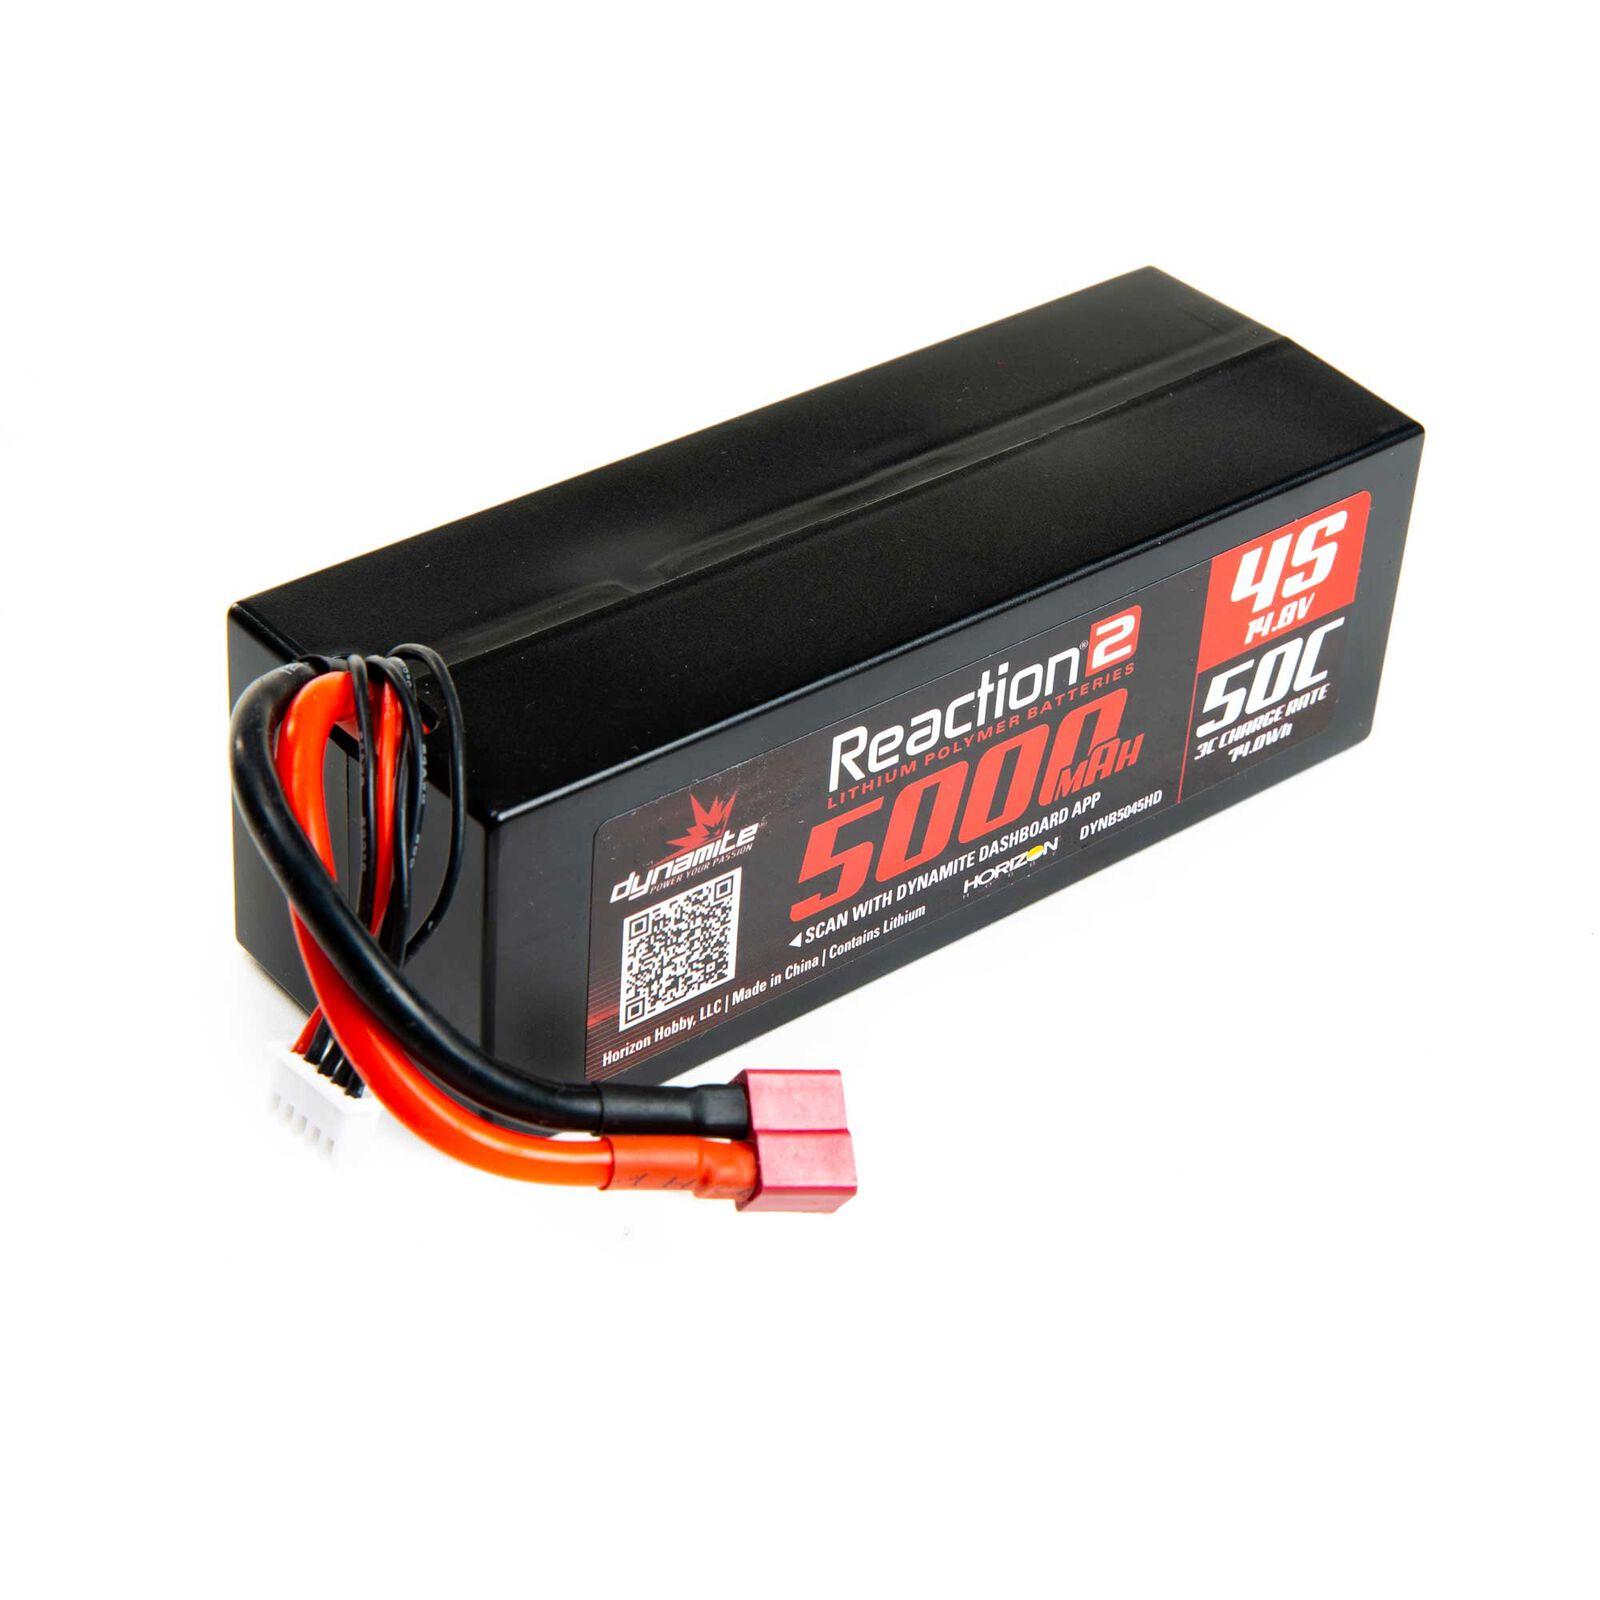 14.8V 5000mAh 4S 50C Reaction 2.0 Hardcase LiPo Battery: Deans